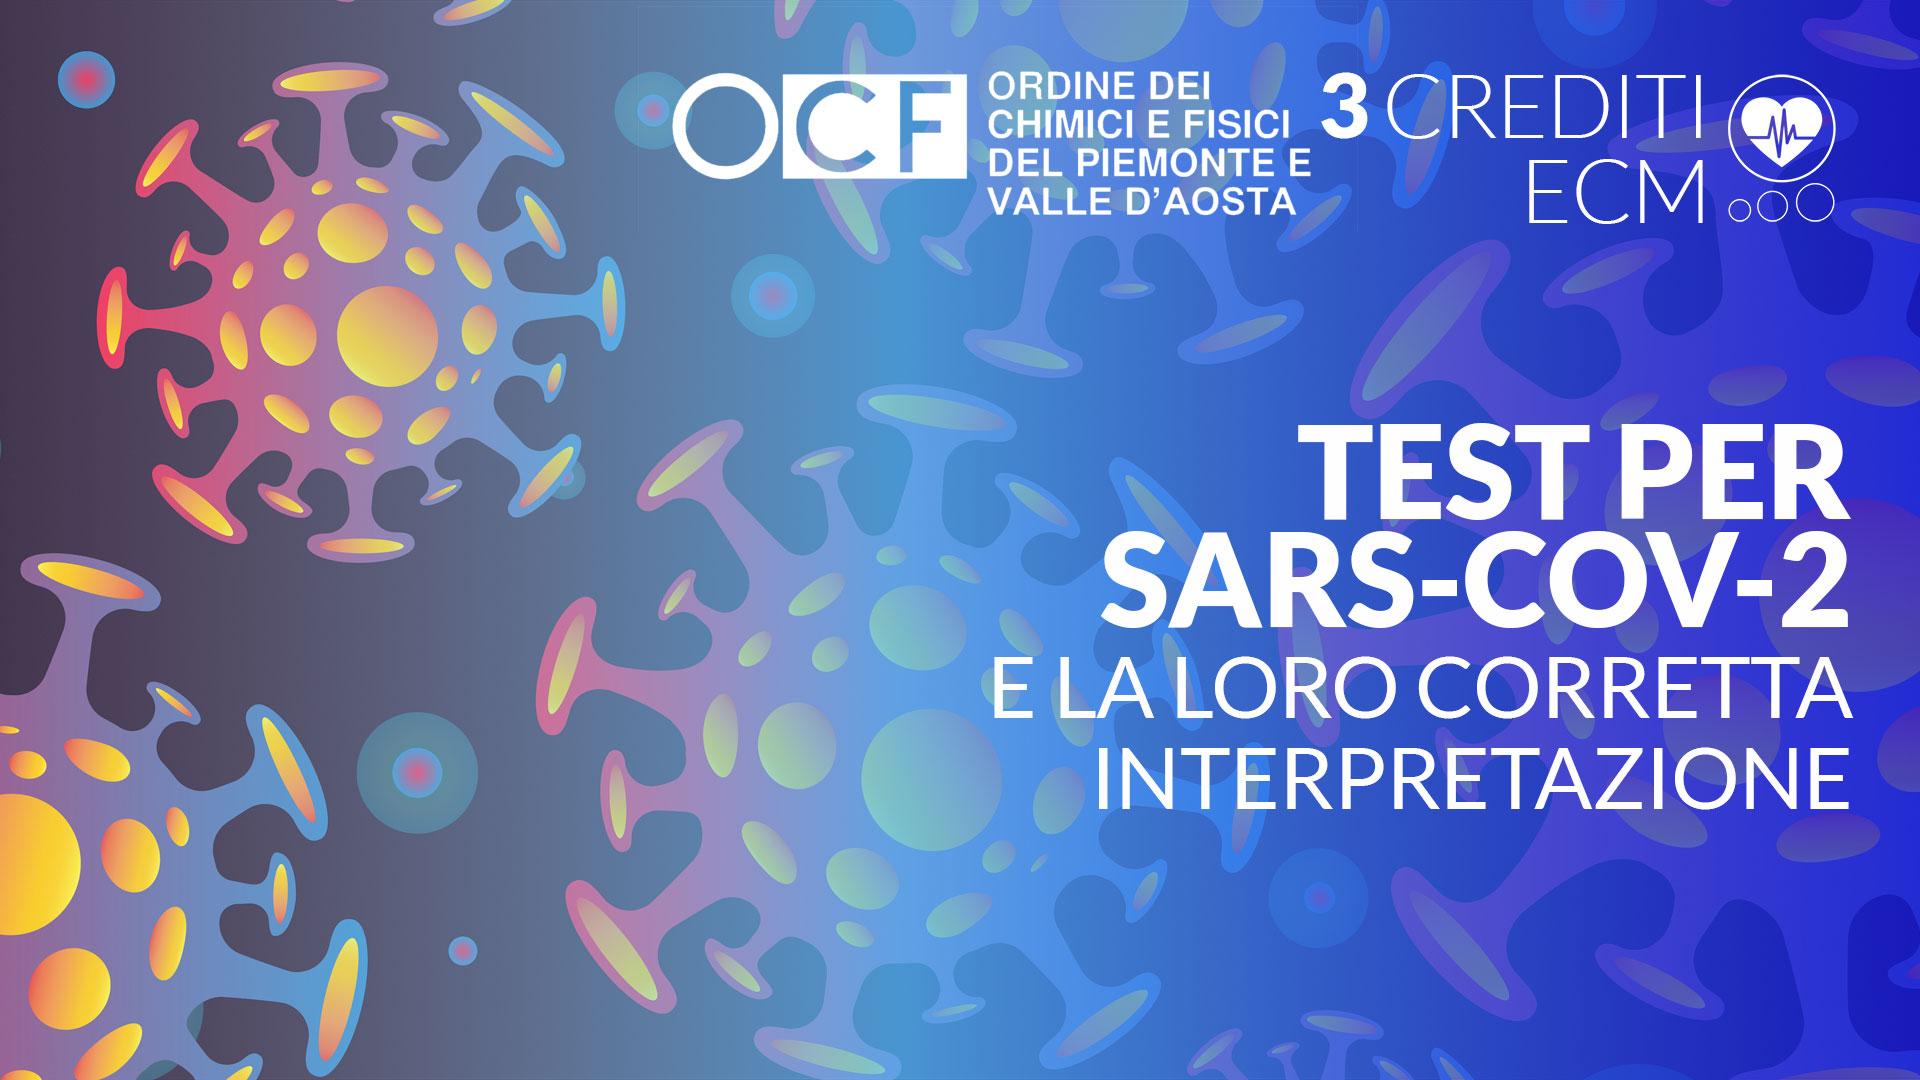 Test per SARS-COV-2 e la loro corretta interpretazione